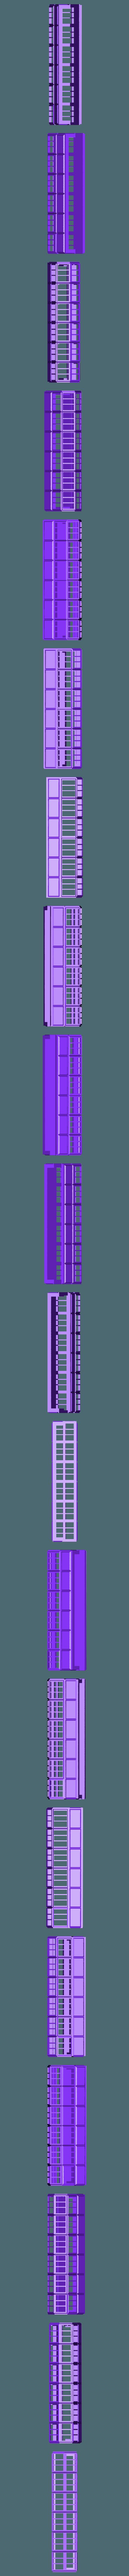 LongGreenhouse.STL Télécharger fichier STL gratuit École Poudlard • Plan imprimable en 3D, Urgnarb